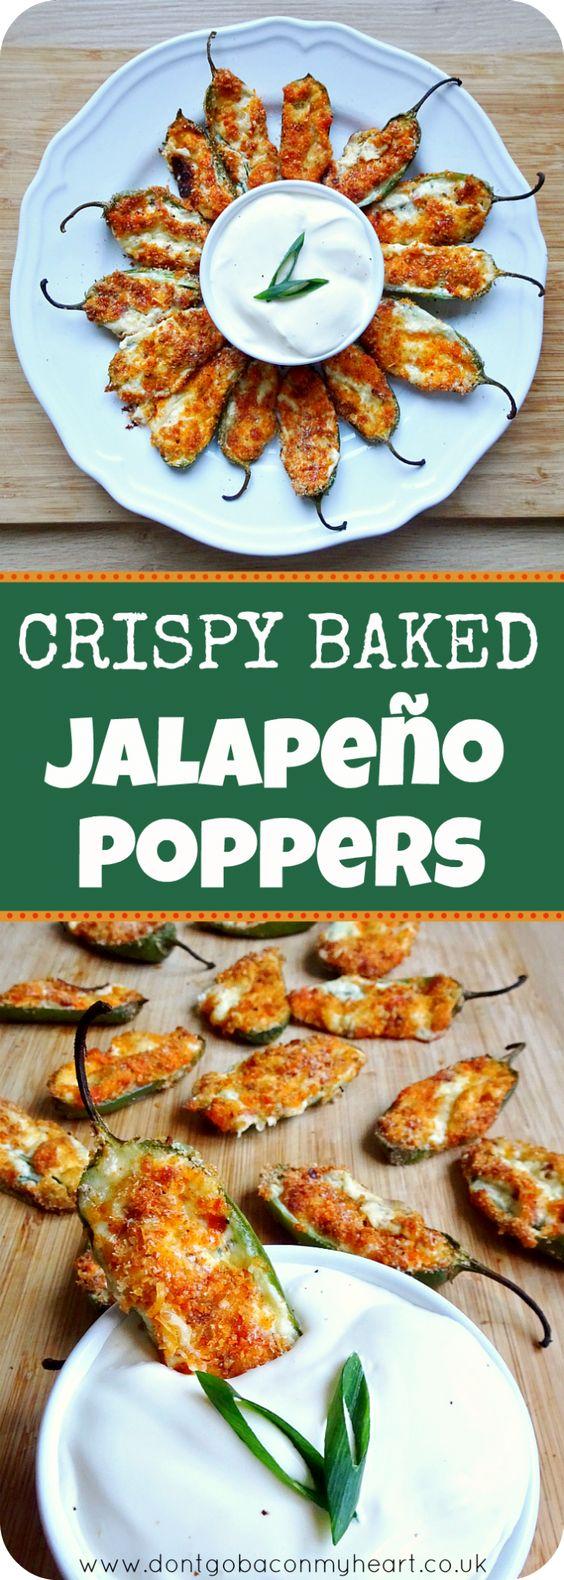 Crispy Baked Jalapeño Poppers